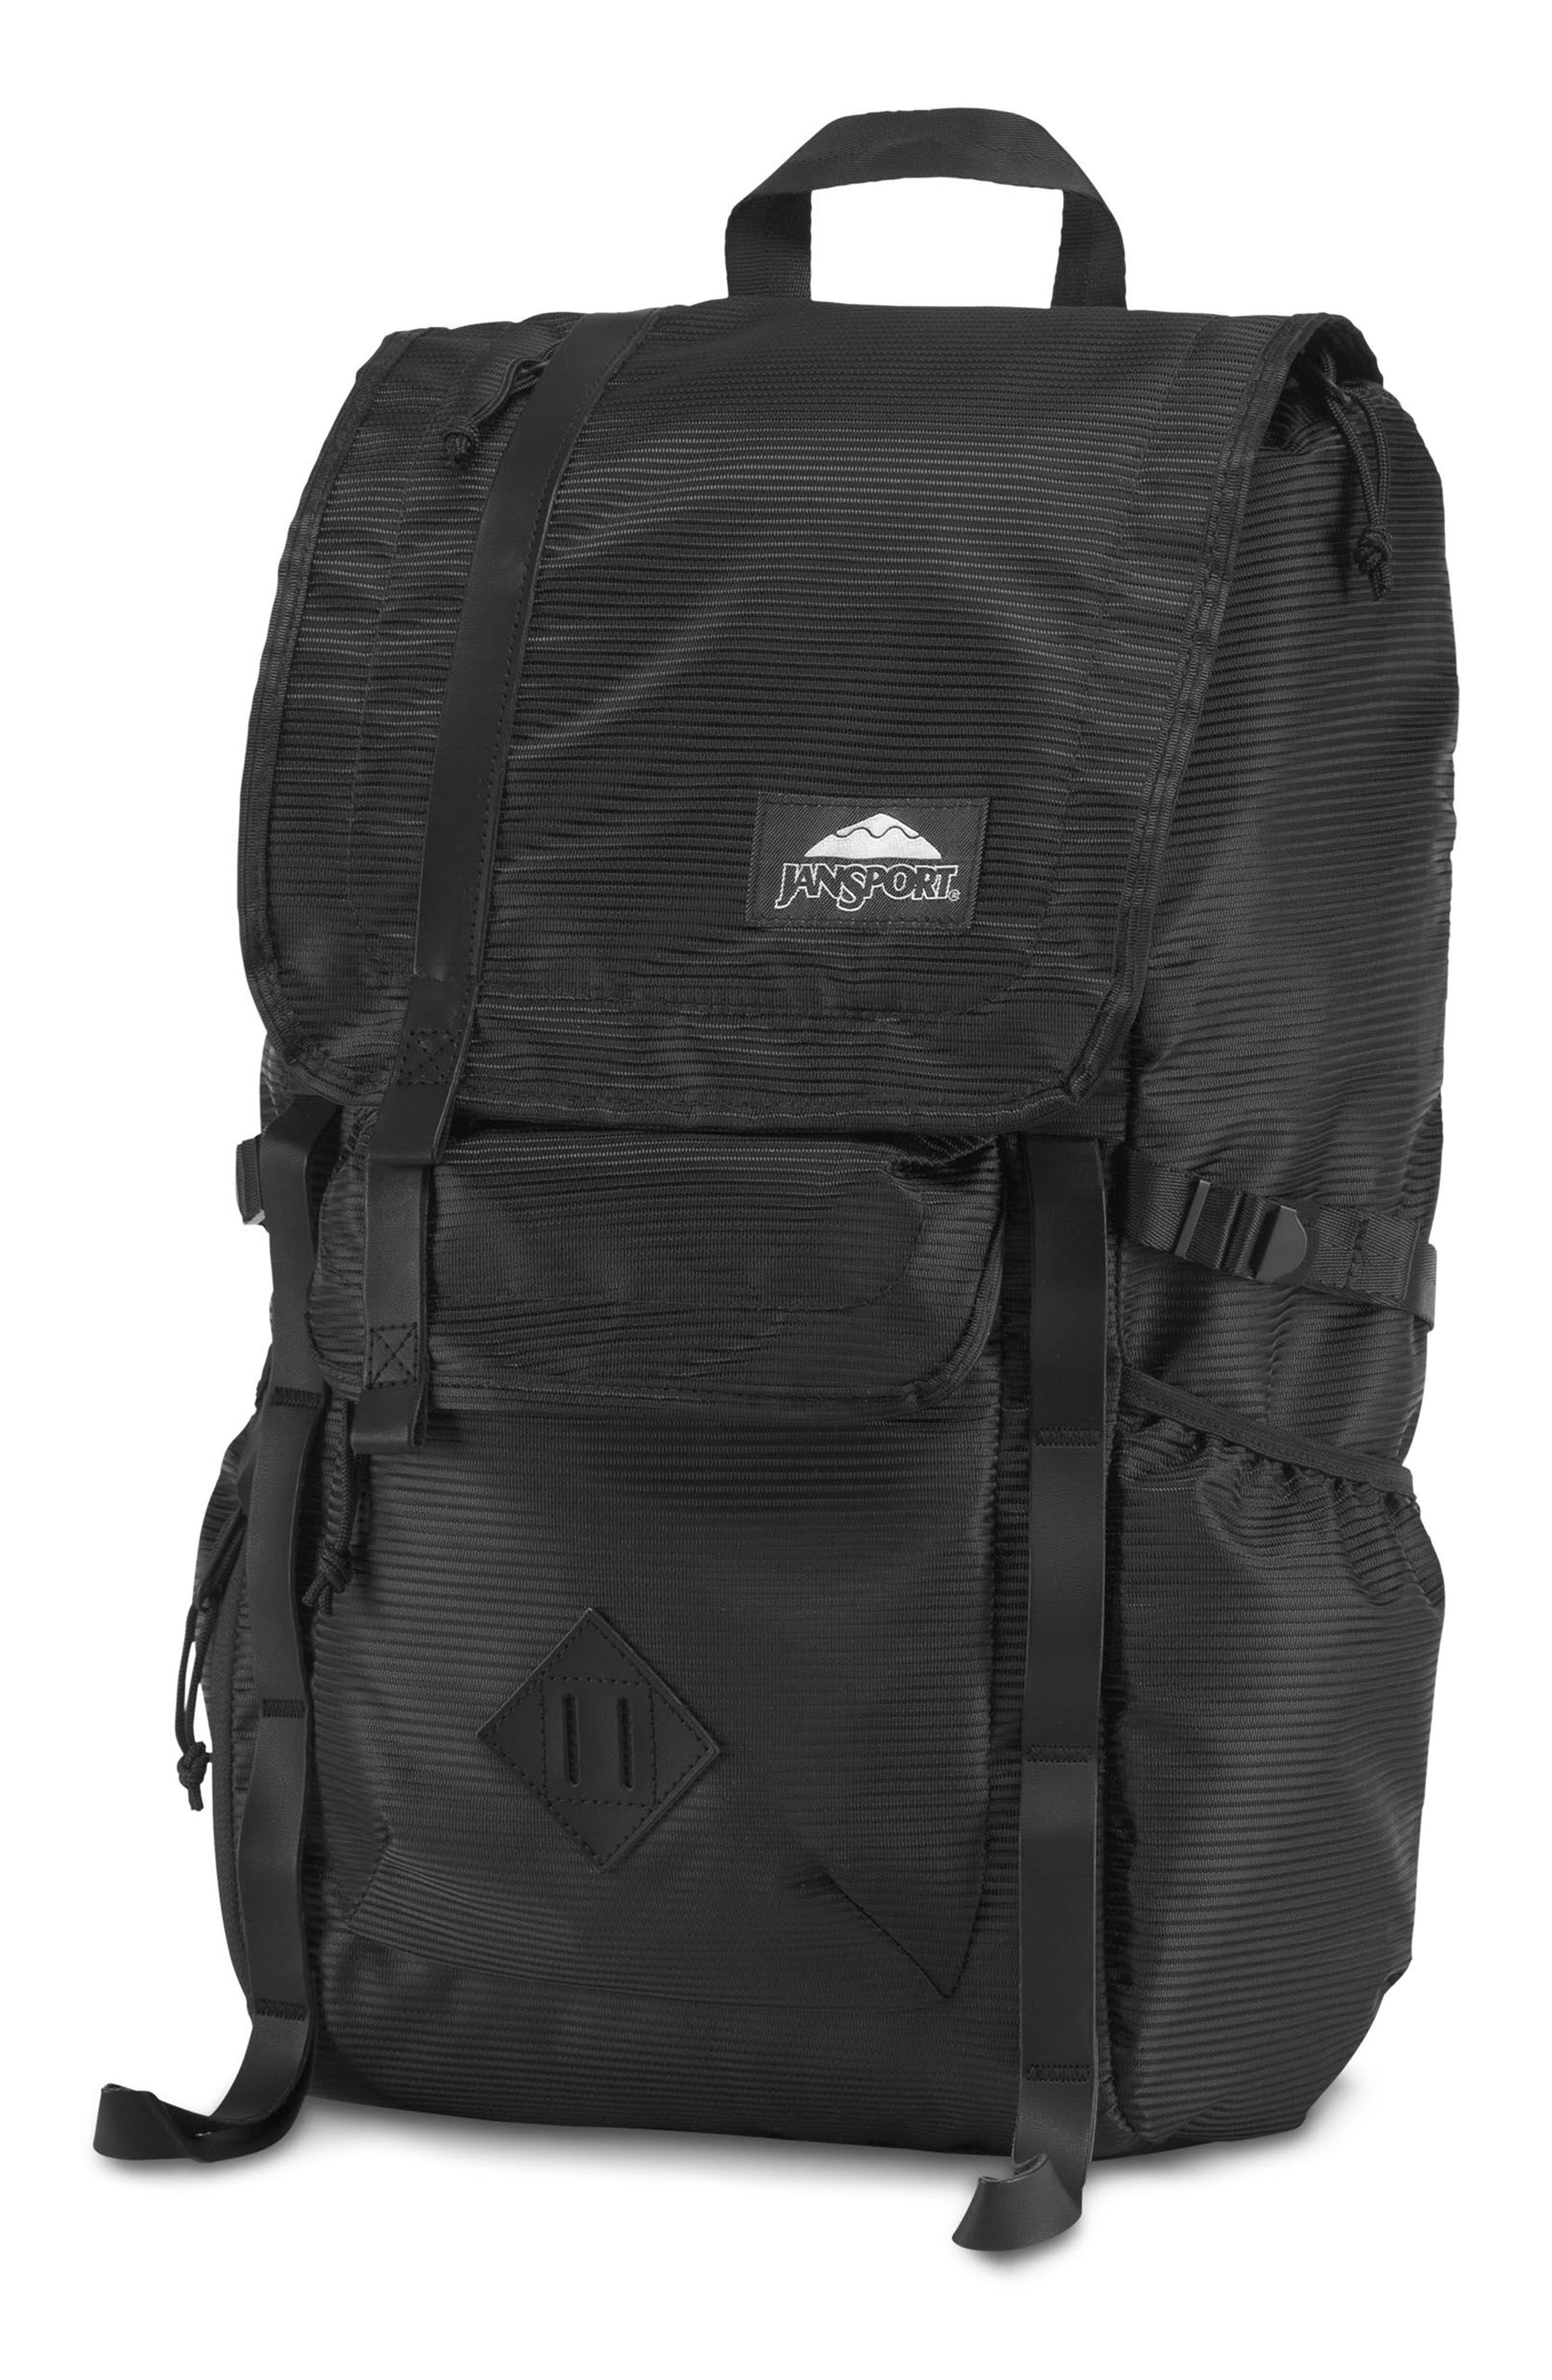 Hatchet DL Backpack,                             Alternate thumbnail 2, color,                             Black Line